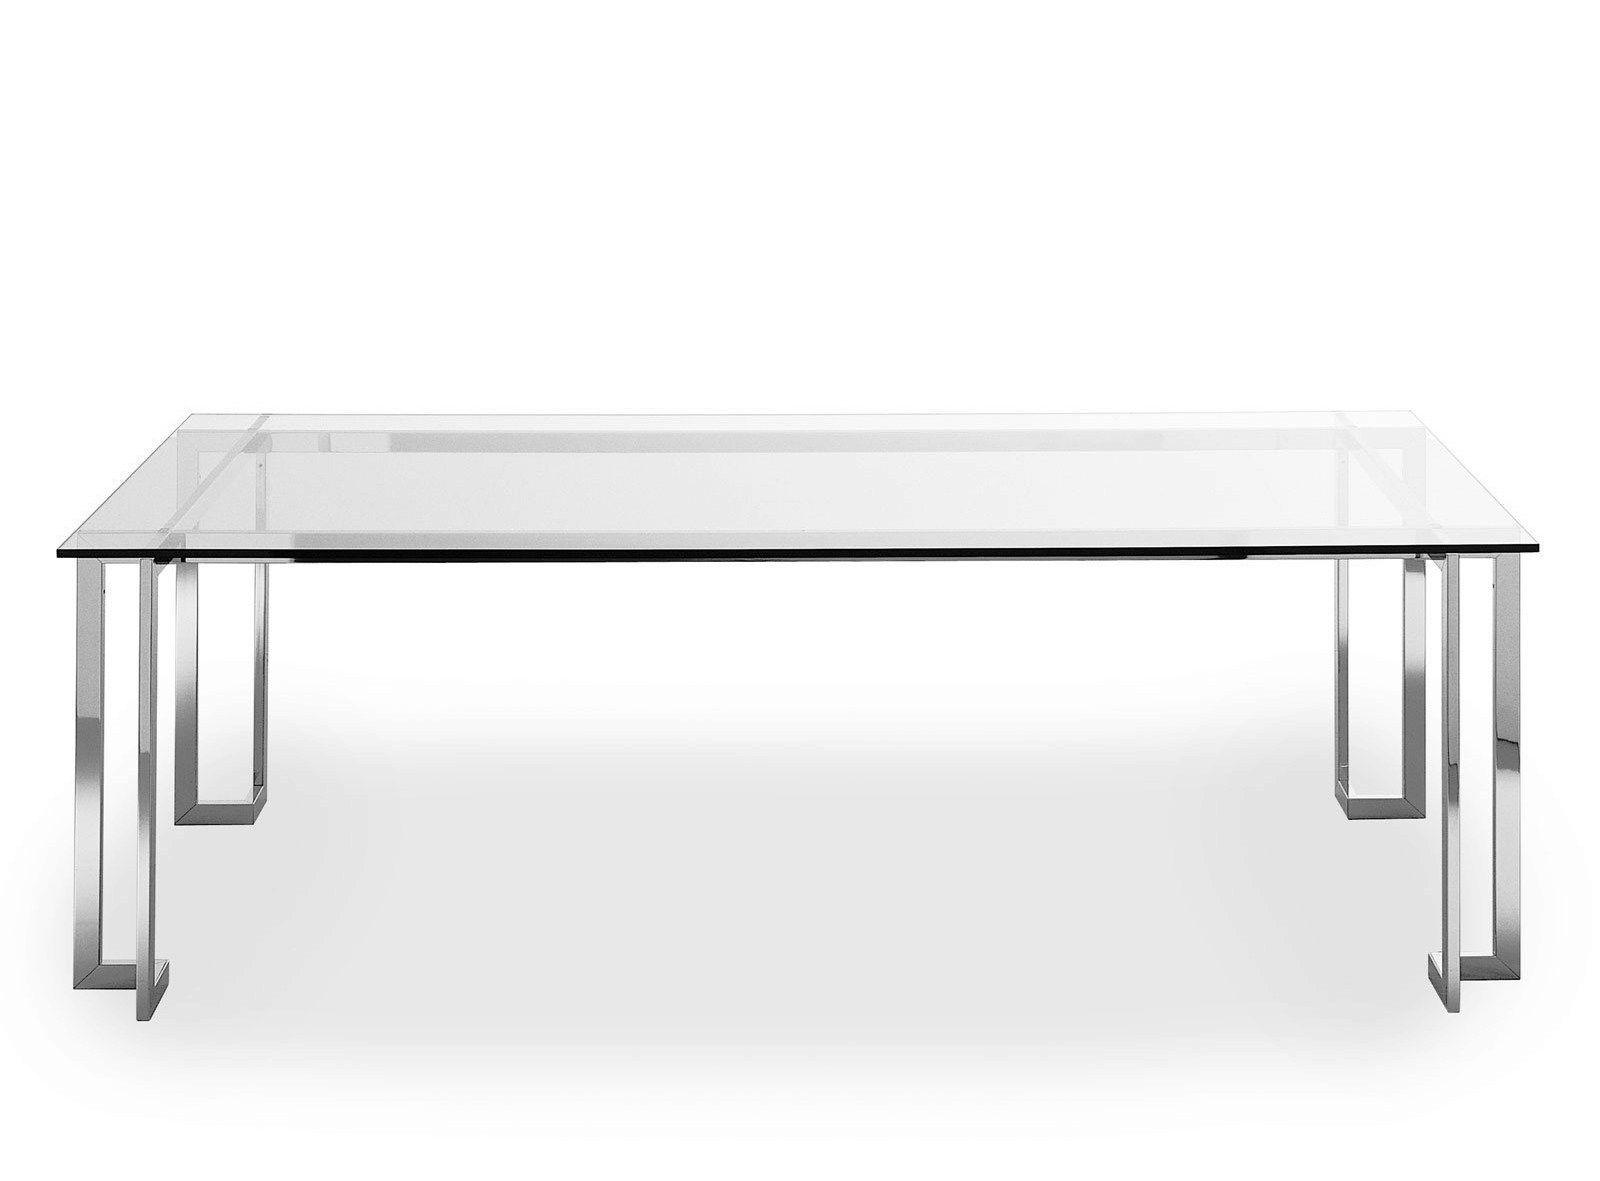 Dimensioni Tavolo Cucina. Scrivania Da Ikea Scrivanie Da Mercatone ...